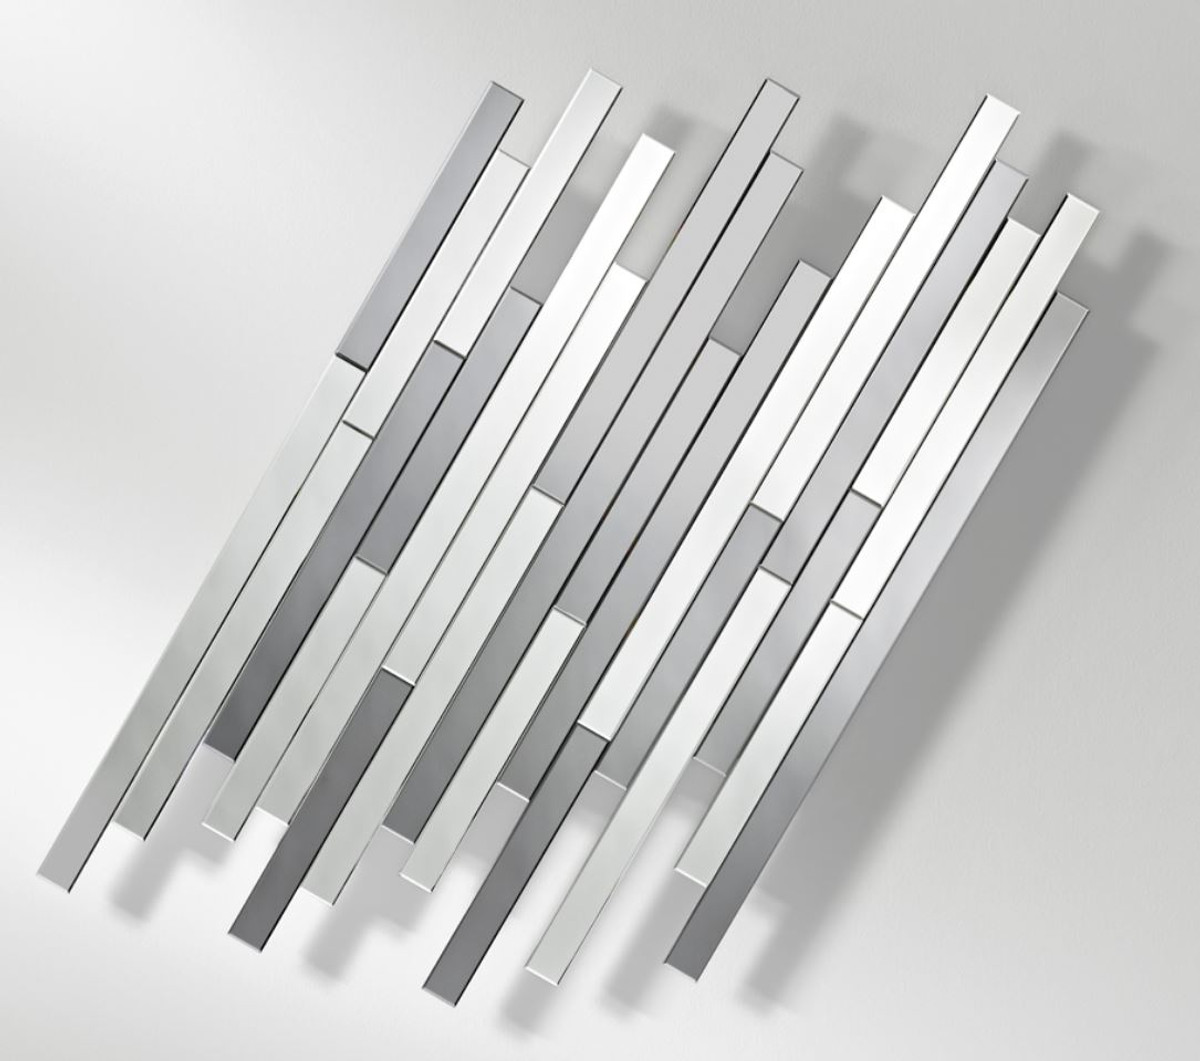 casa padrino designer spiegel wandspiegel 72 x h 133 cm designer kollektion spiegel luxus. Black Bedroom Furniture Sets. Home Design Ideas